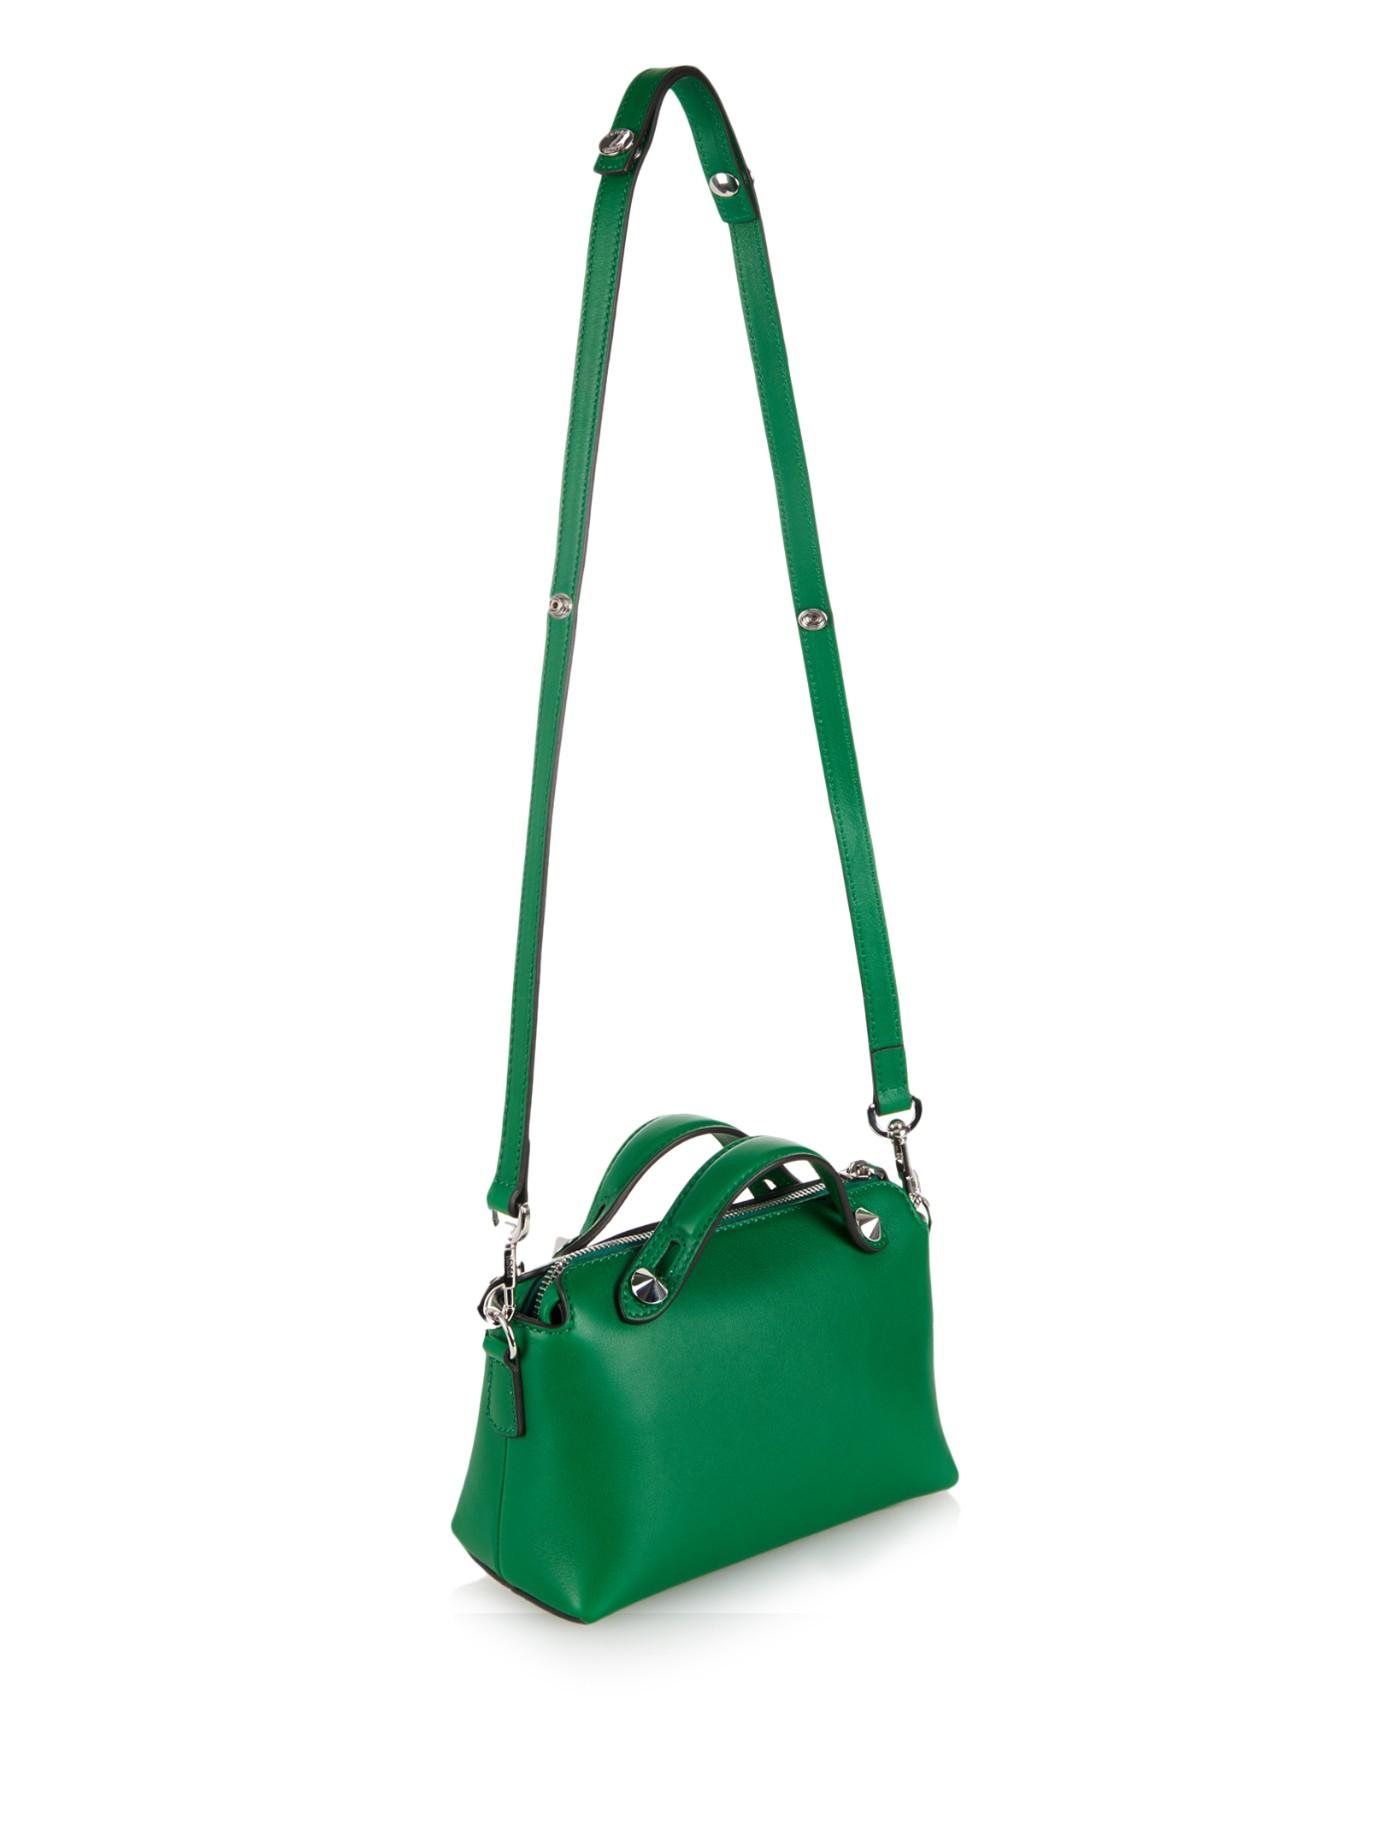 ireland fendi green bag 49b47 8e3f8 33997b167bc7e